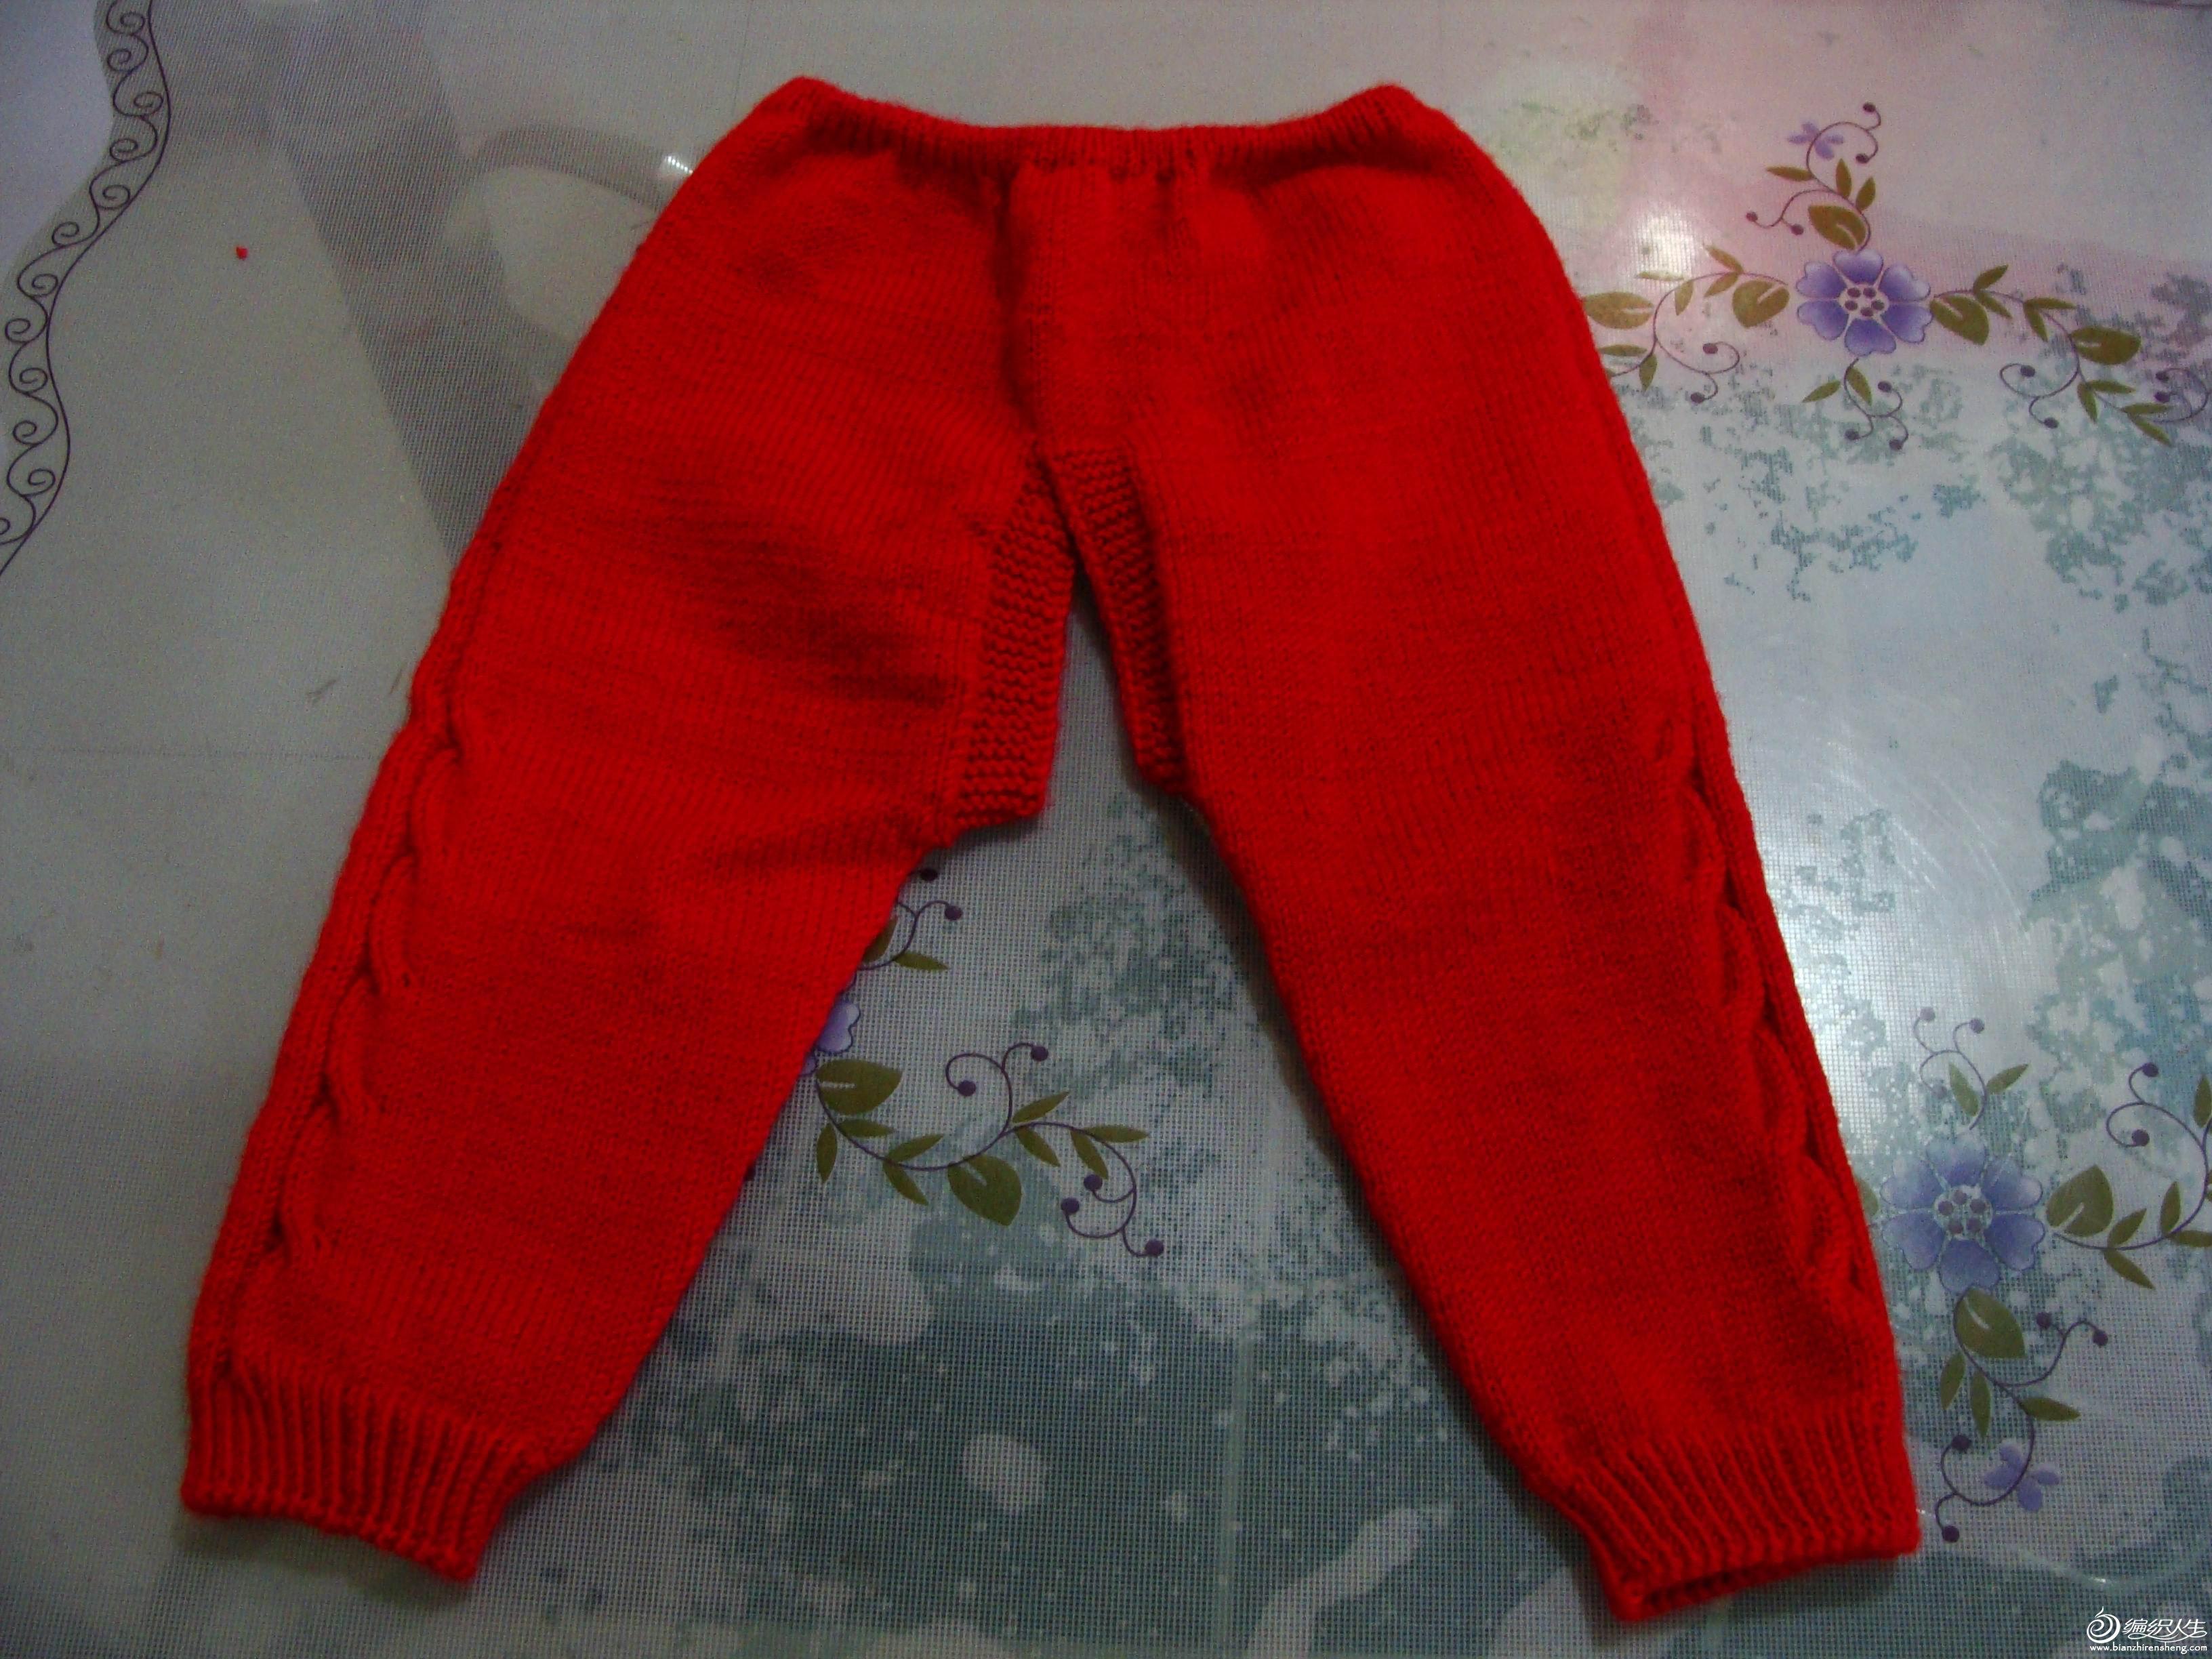 裤腰织的空心针。